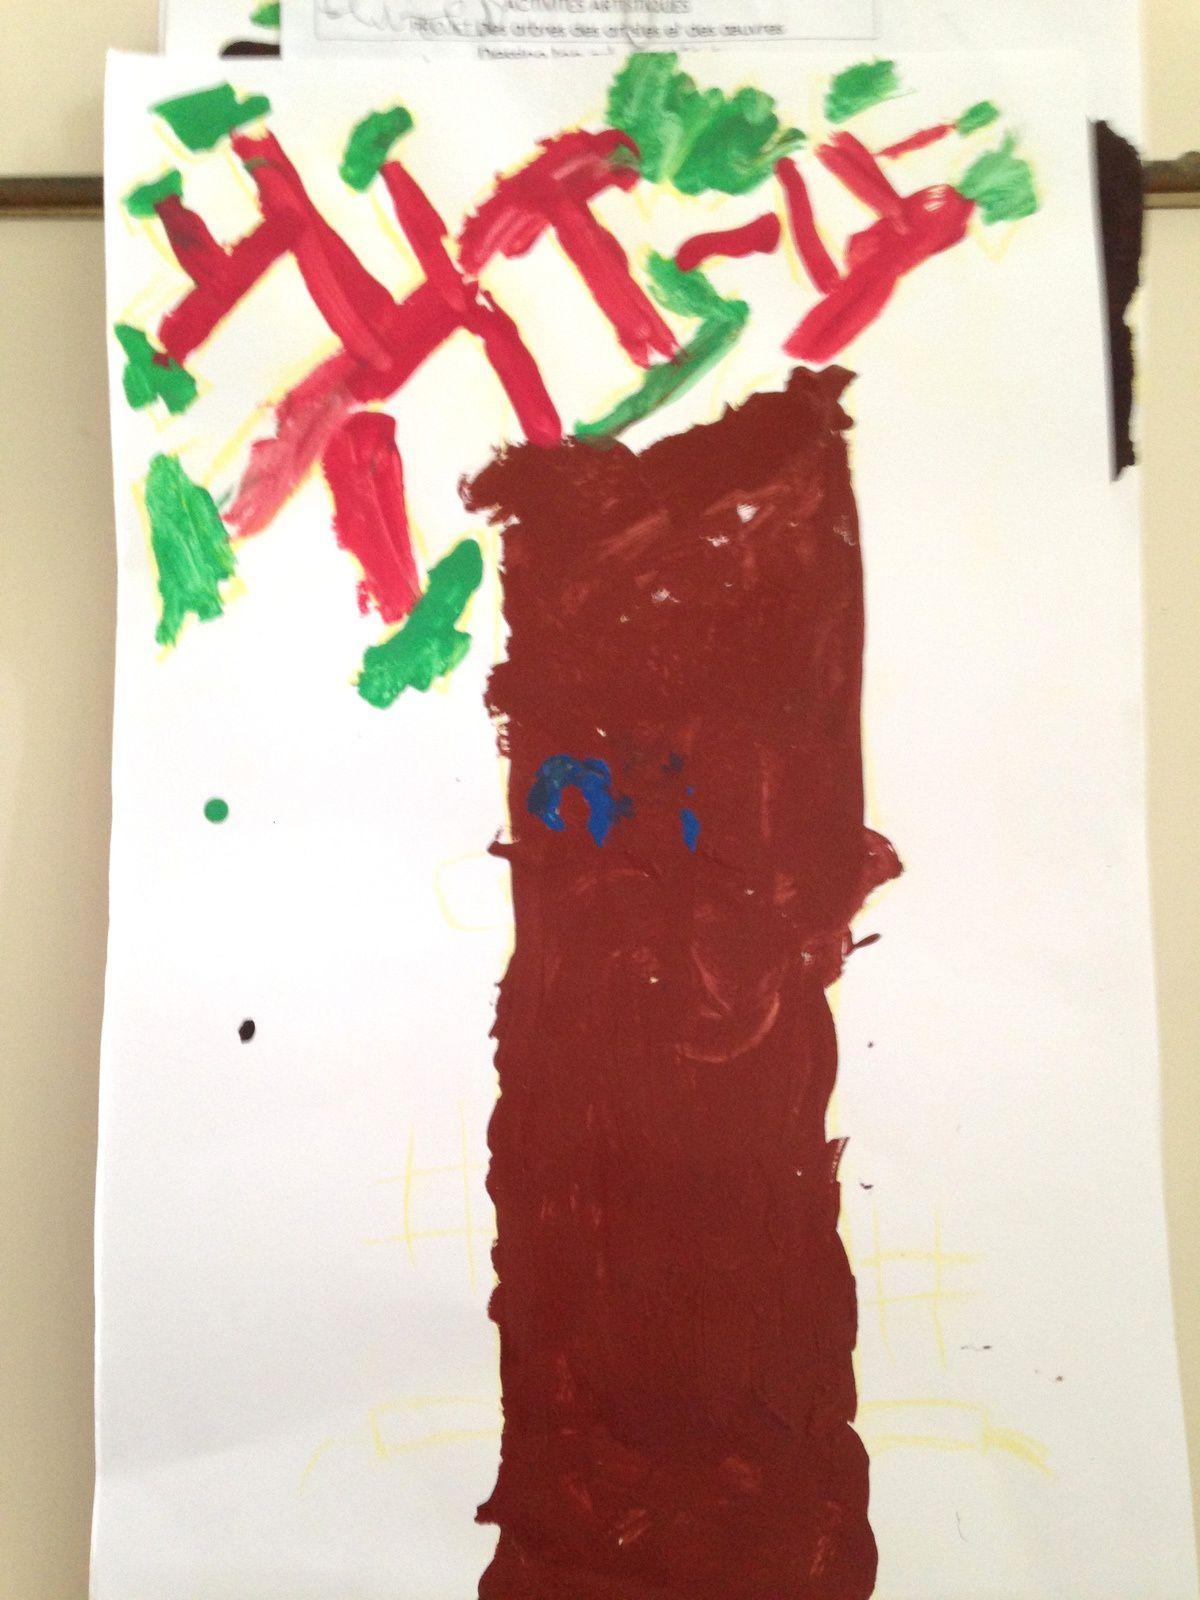 #arbre #peinture #enfant #charlotteblabla blog